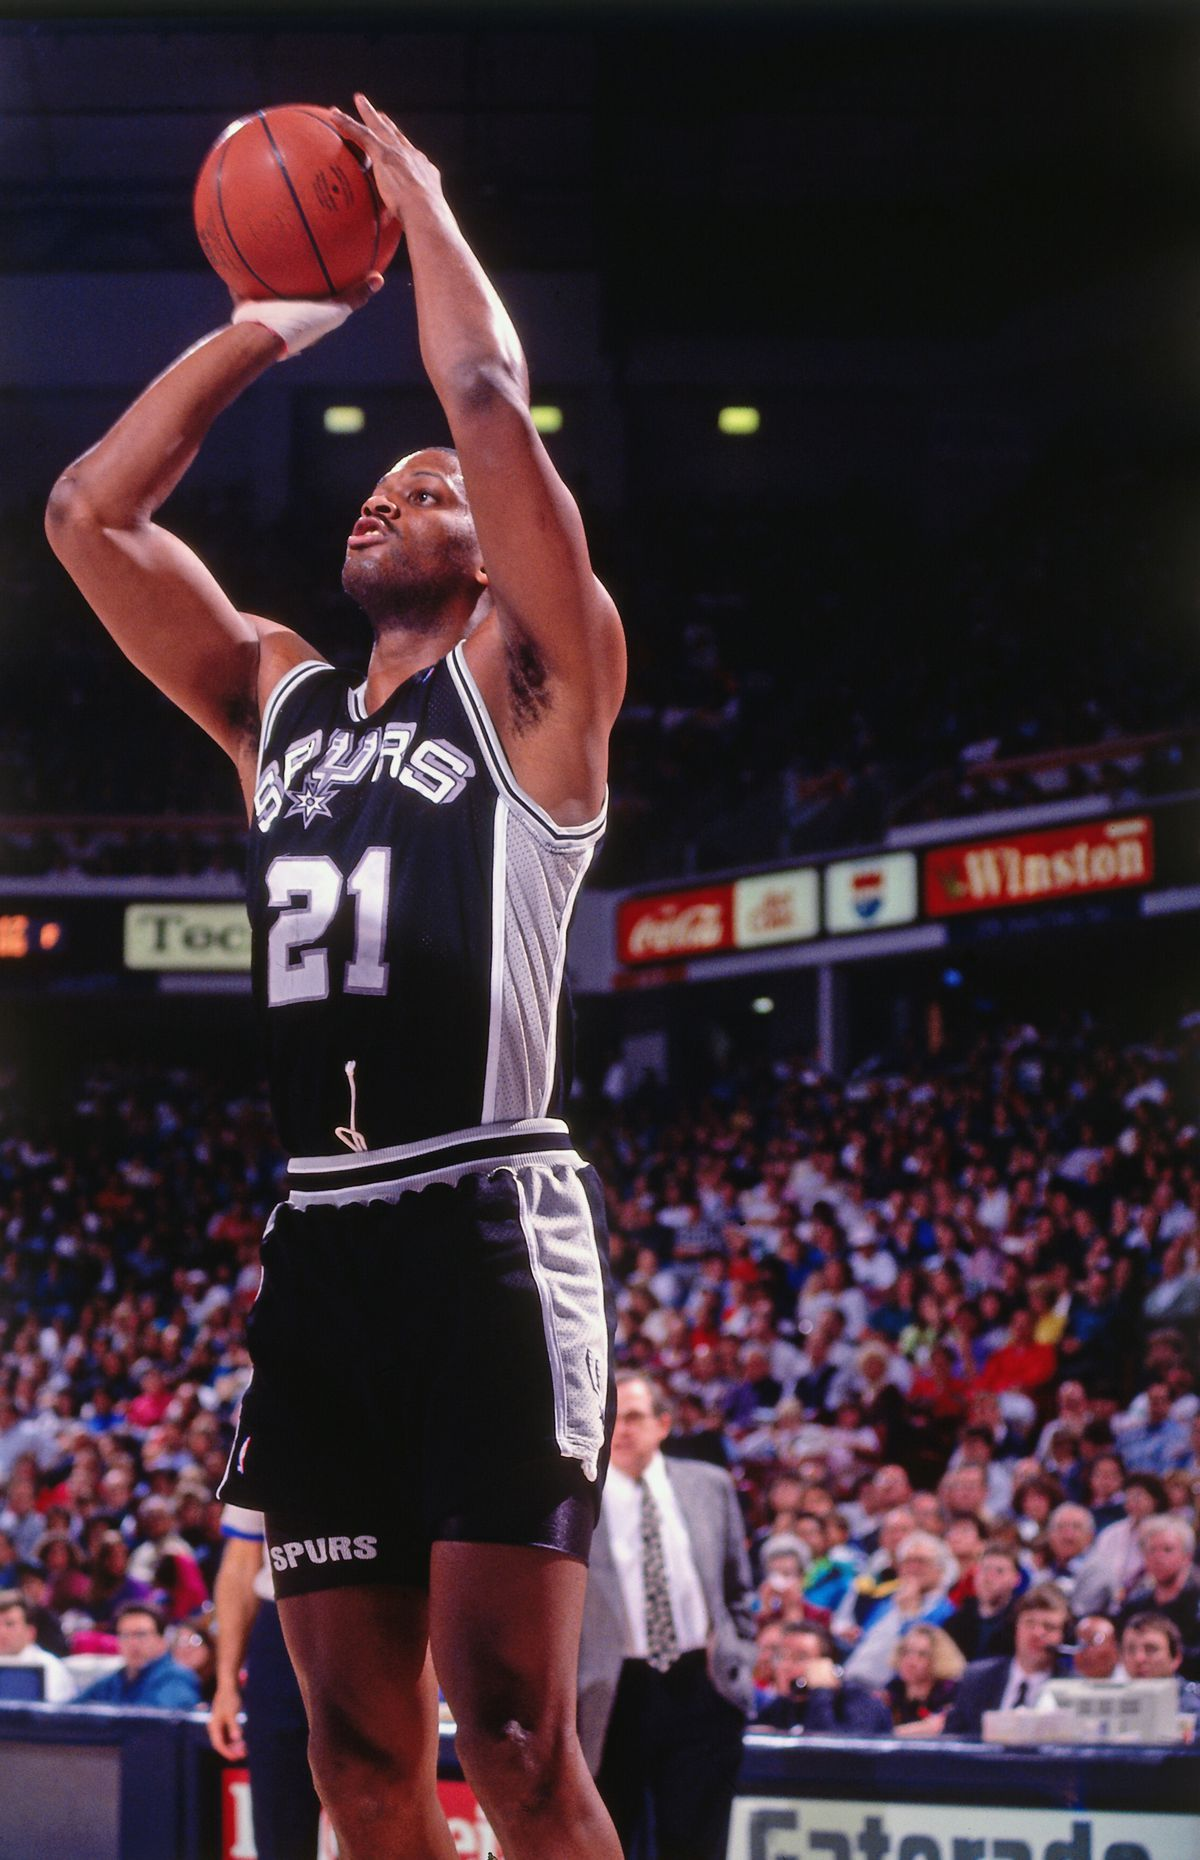 SACRAMENTO, CA - 1991: Sidney Green #21 of the San Antonio Spurs shoots against the Sacramento Kings circa 1991 at Arco Arena in Sacramento, California.